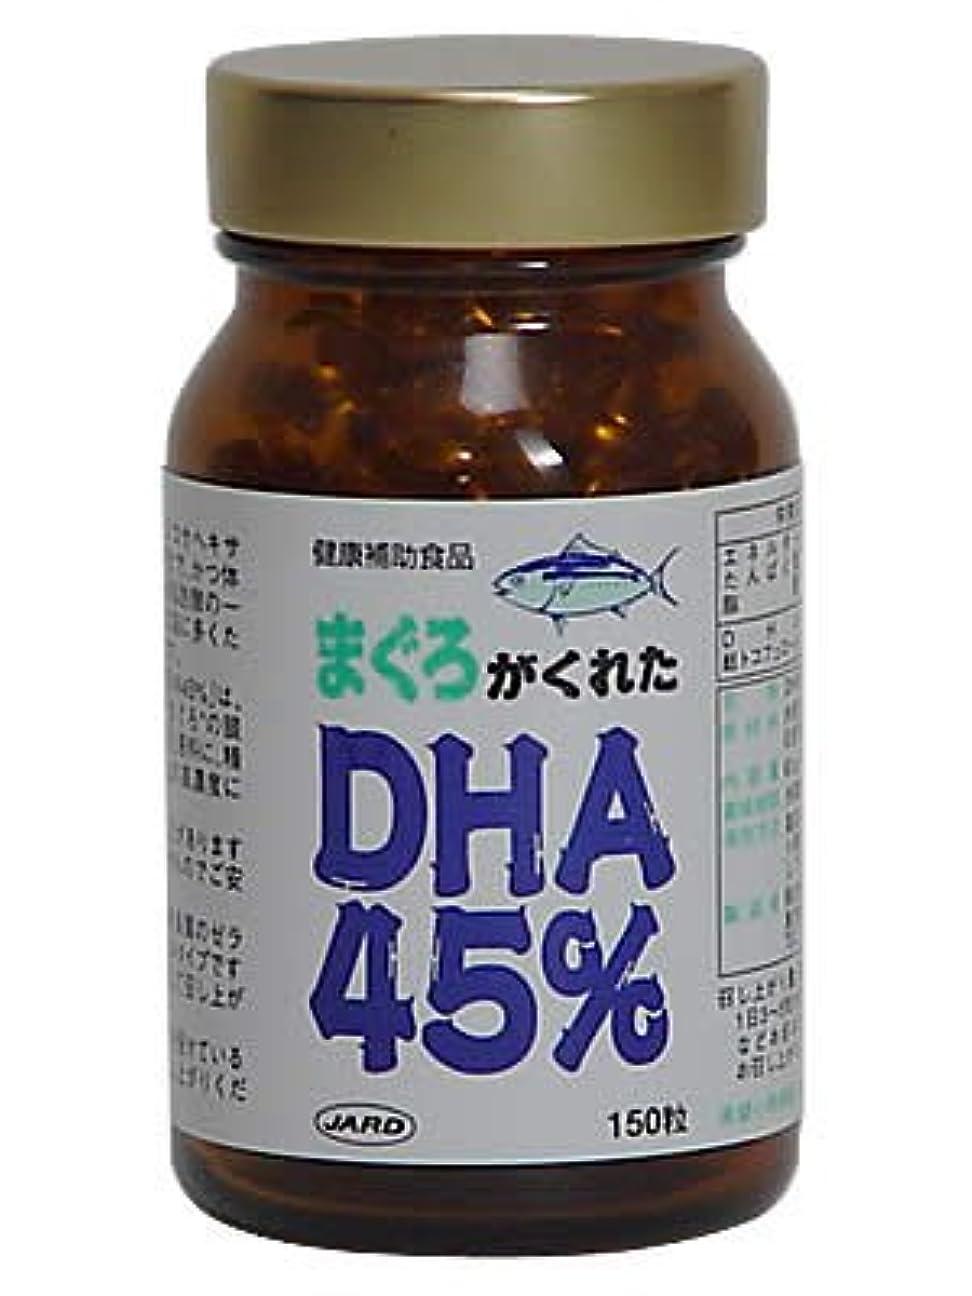 ラッチ推論しばしばユニマットリケン マグロがくれたDHA45 150p